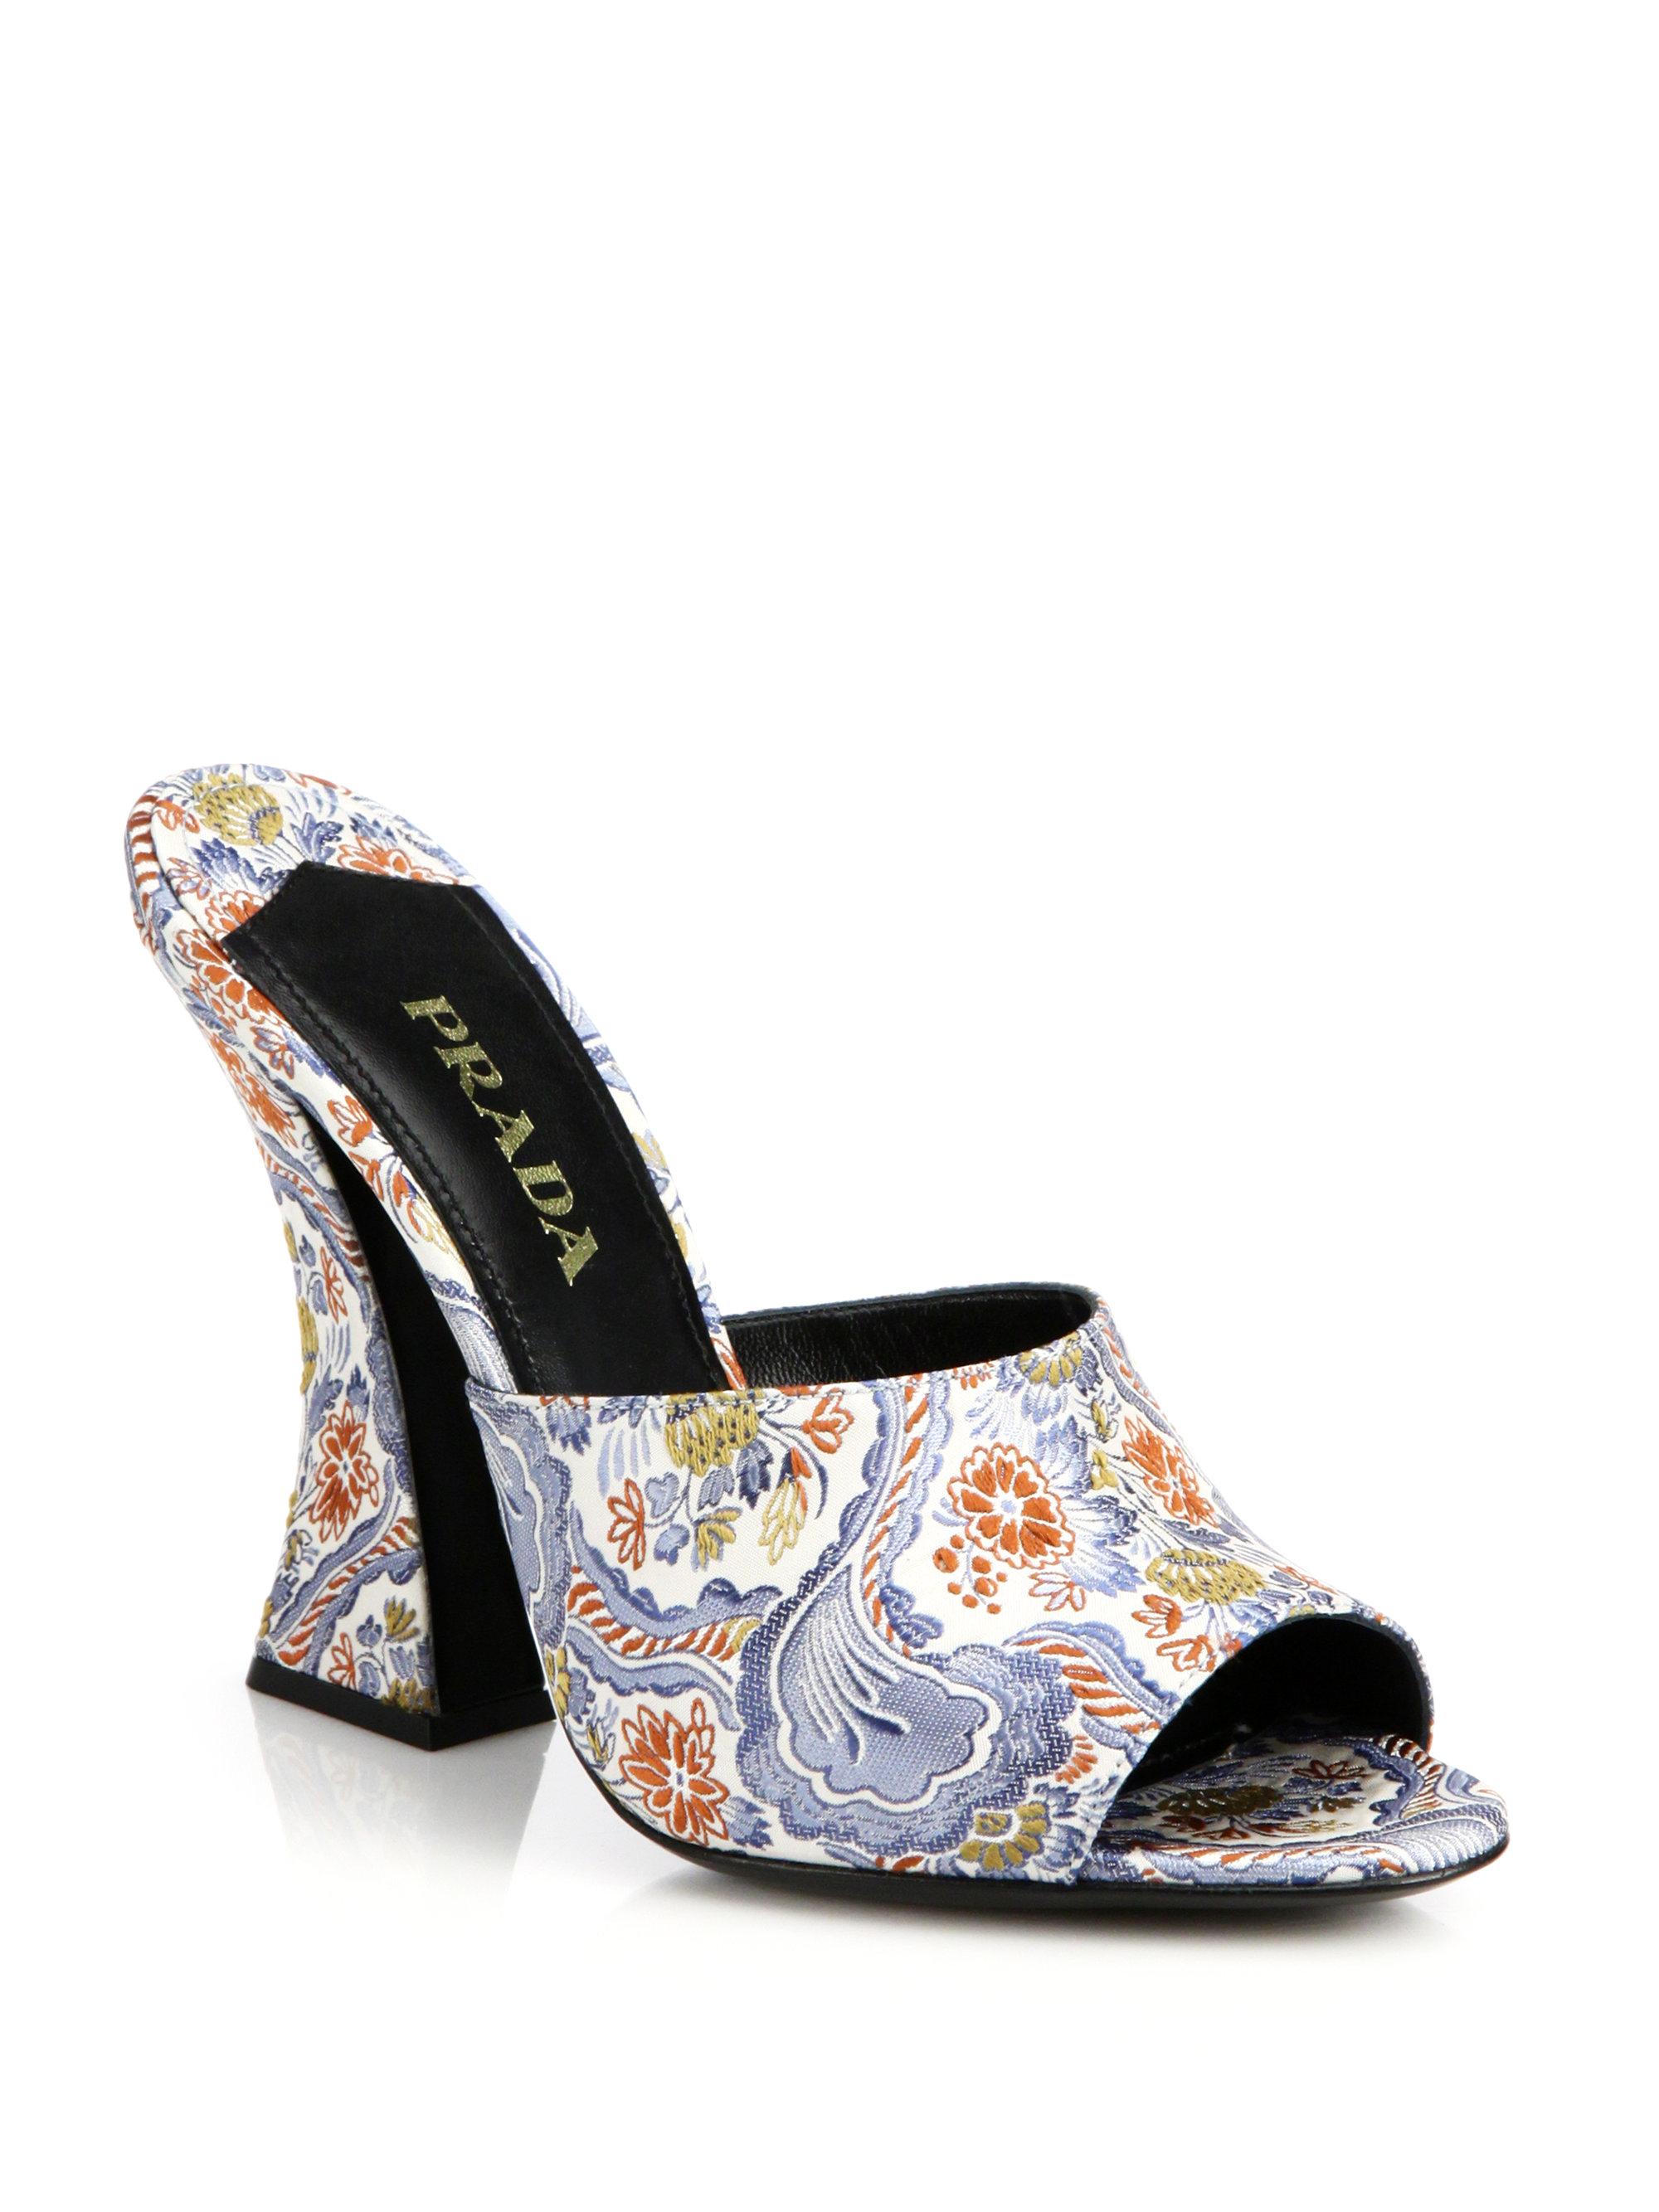 Paisley Shoes Heels